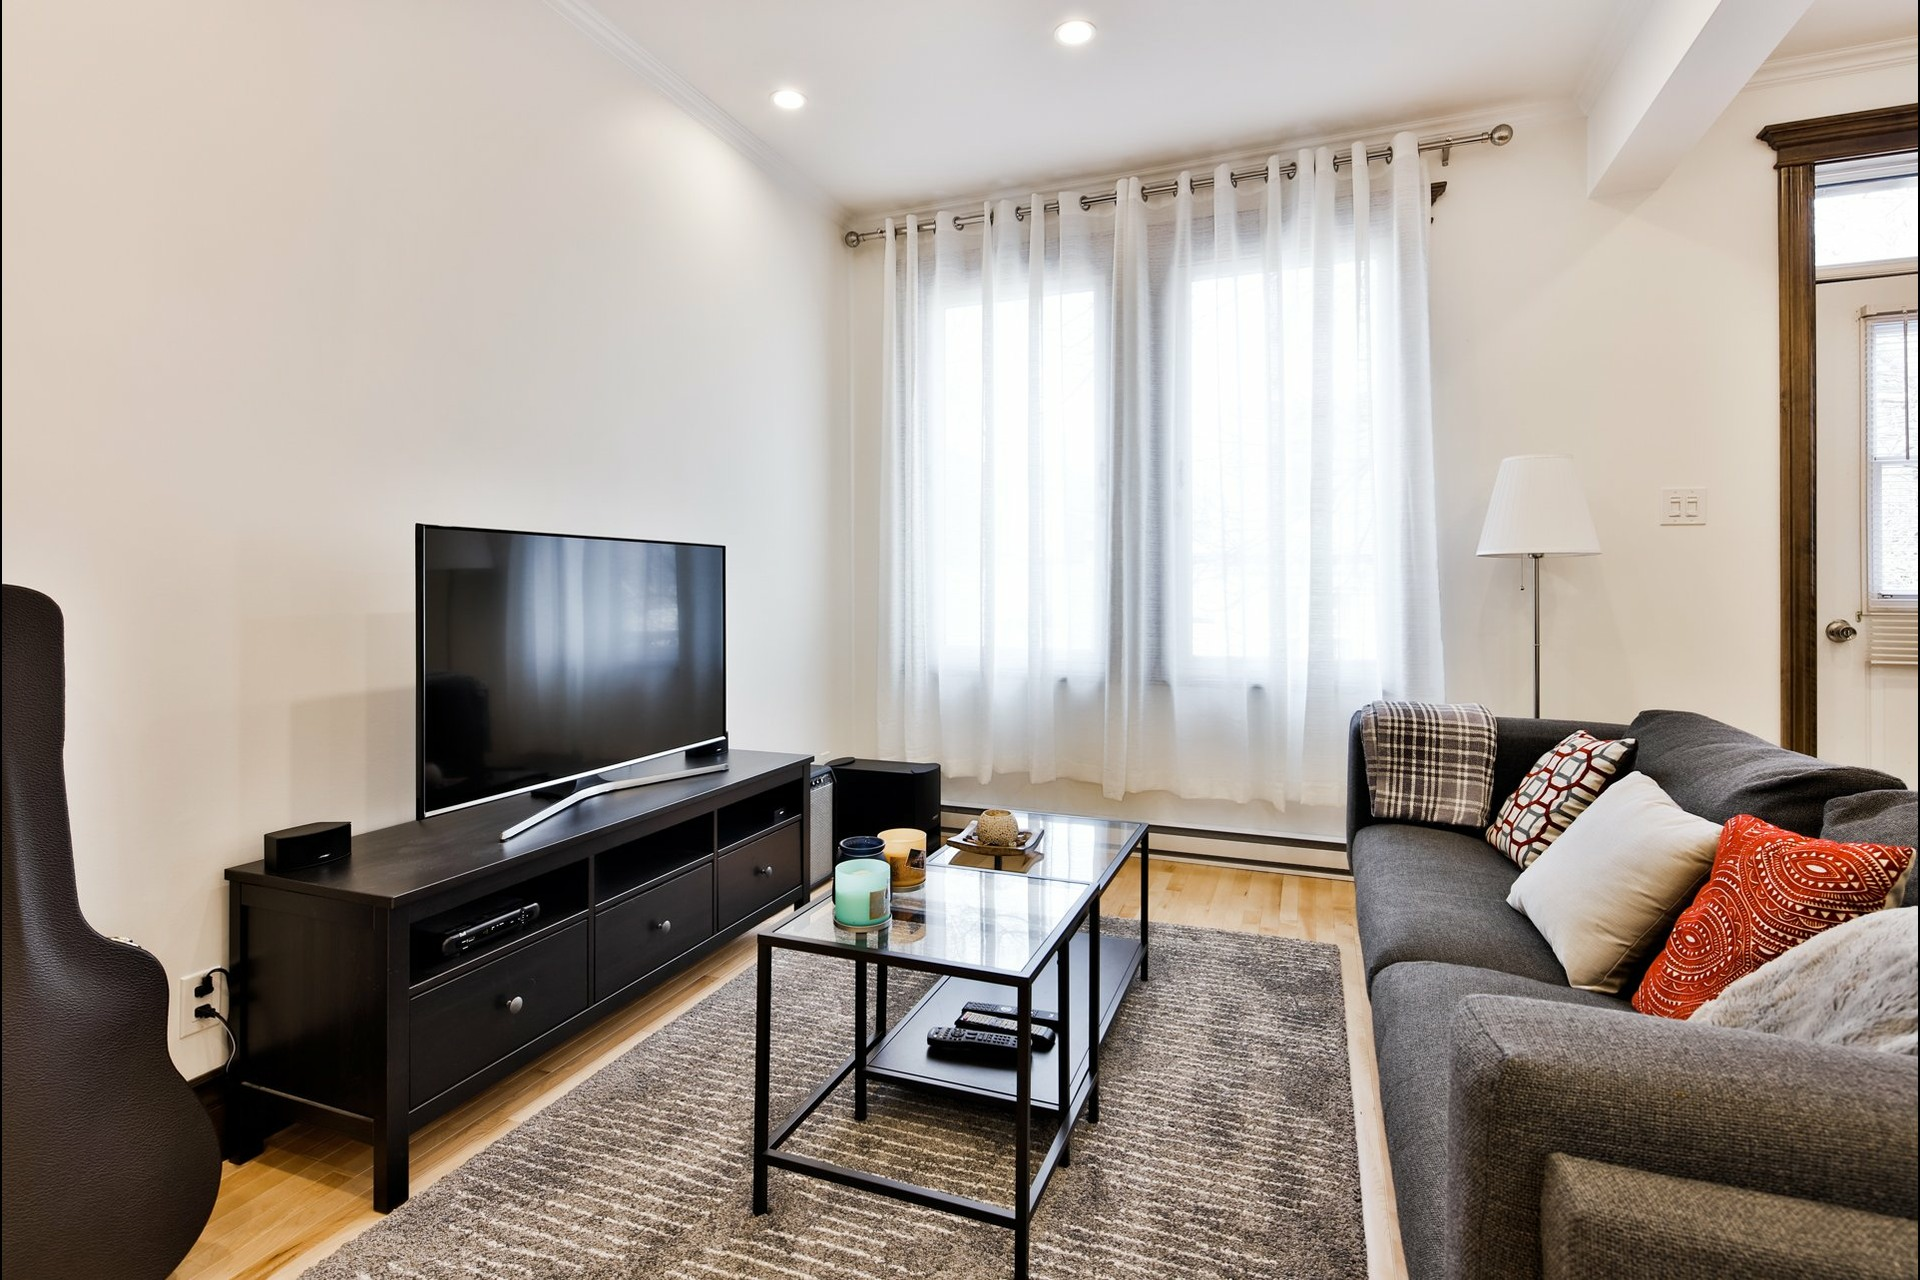 image 1 - Appartement À vendre Le Plateau-Mont-Royal Montréal  - 4 pièces